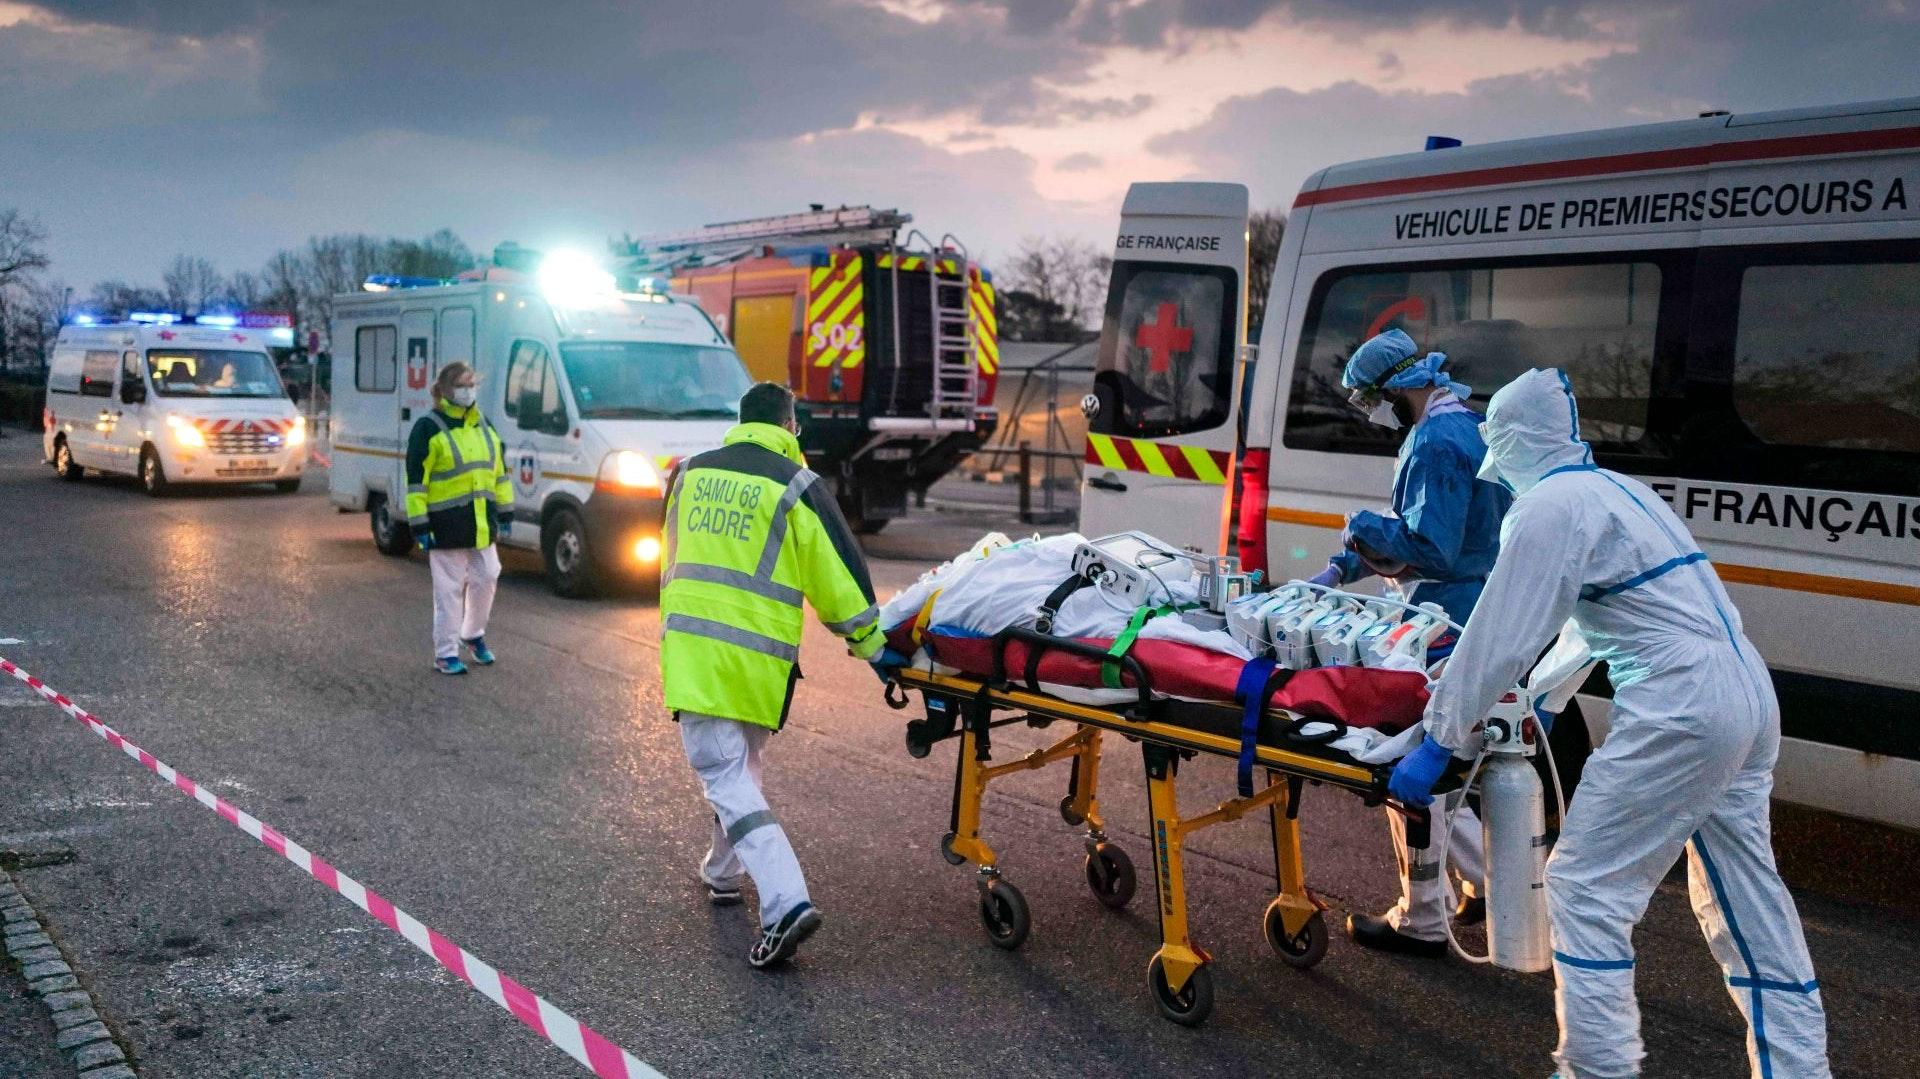 Medizinisches Notfallpersonal transportiert einen Patienten, der mit dem Coronavirus infiziert ist, von einem Militärkrankenhaus in Mulhouse zu einem Rettungswagen. Im Anschluss wird der Patient mit einem Hochgeschwindigkeitszug in eine andere Klinik verlegt. Foto: dpa/Bozon